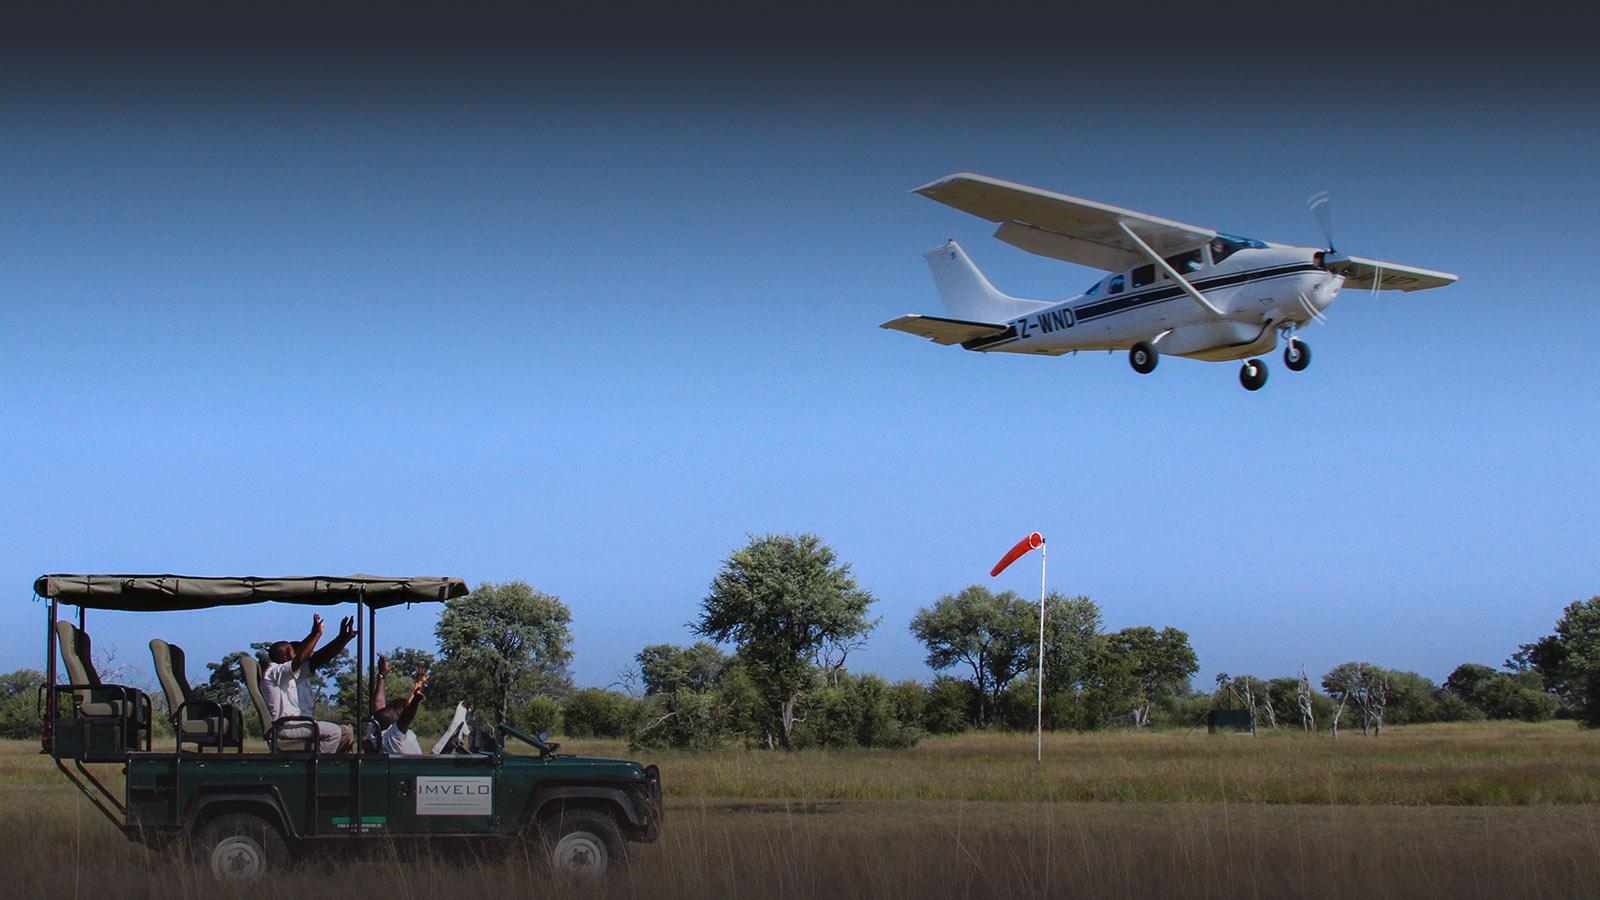 bomani tented lodge zimbabwe-accommodation-hwange-national-park-lodges-game-drive-vehicle-plane